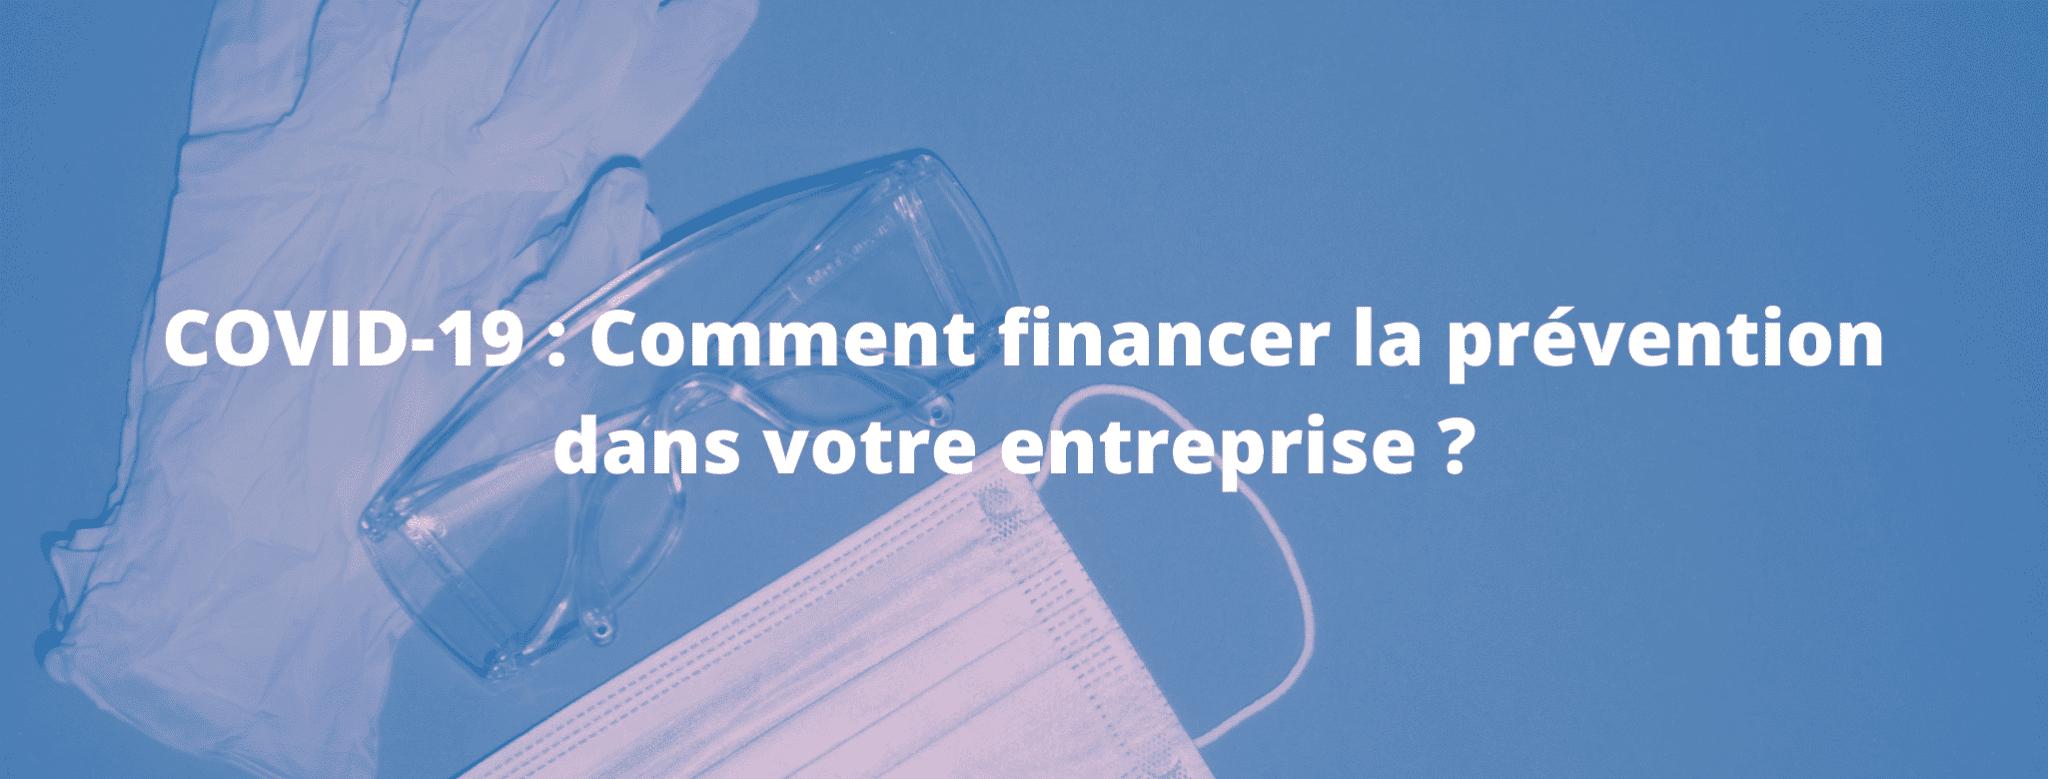 COVID-19 : Comment financer la prévention dans votre entreprise ?